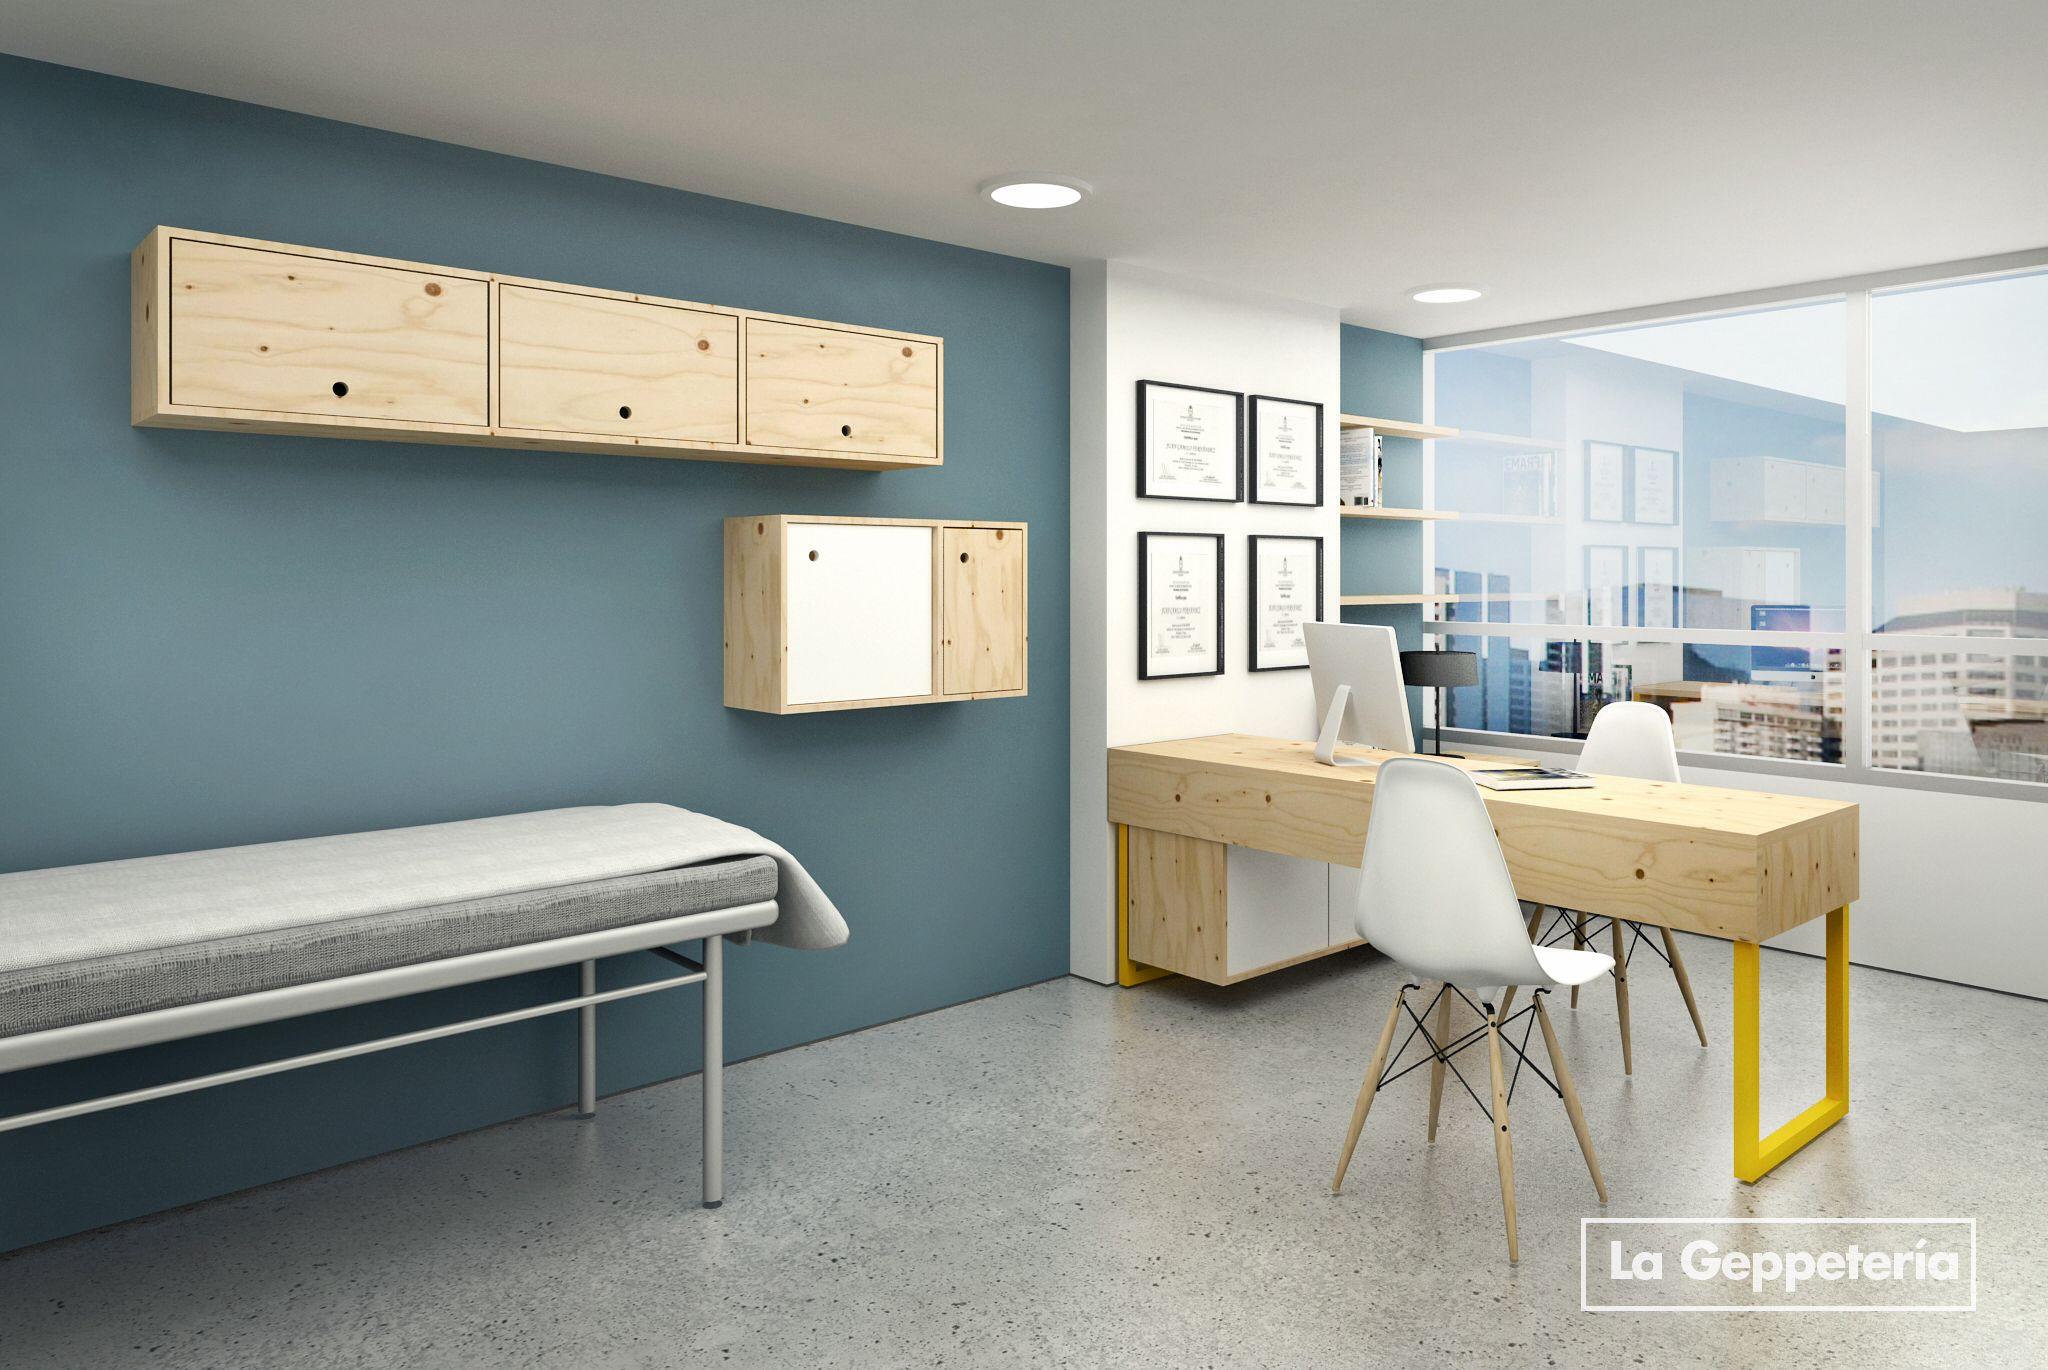 Consultorios m dicos portafolio consultorio medico for Despachos de diseno de interiores df